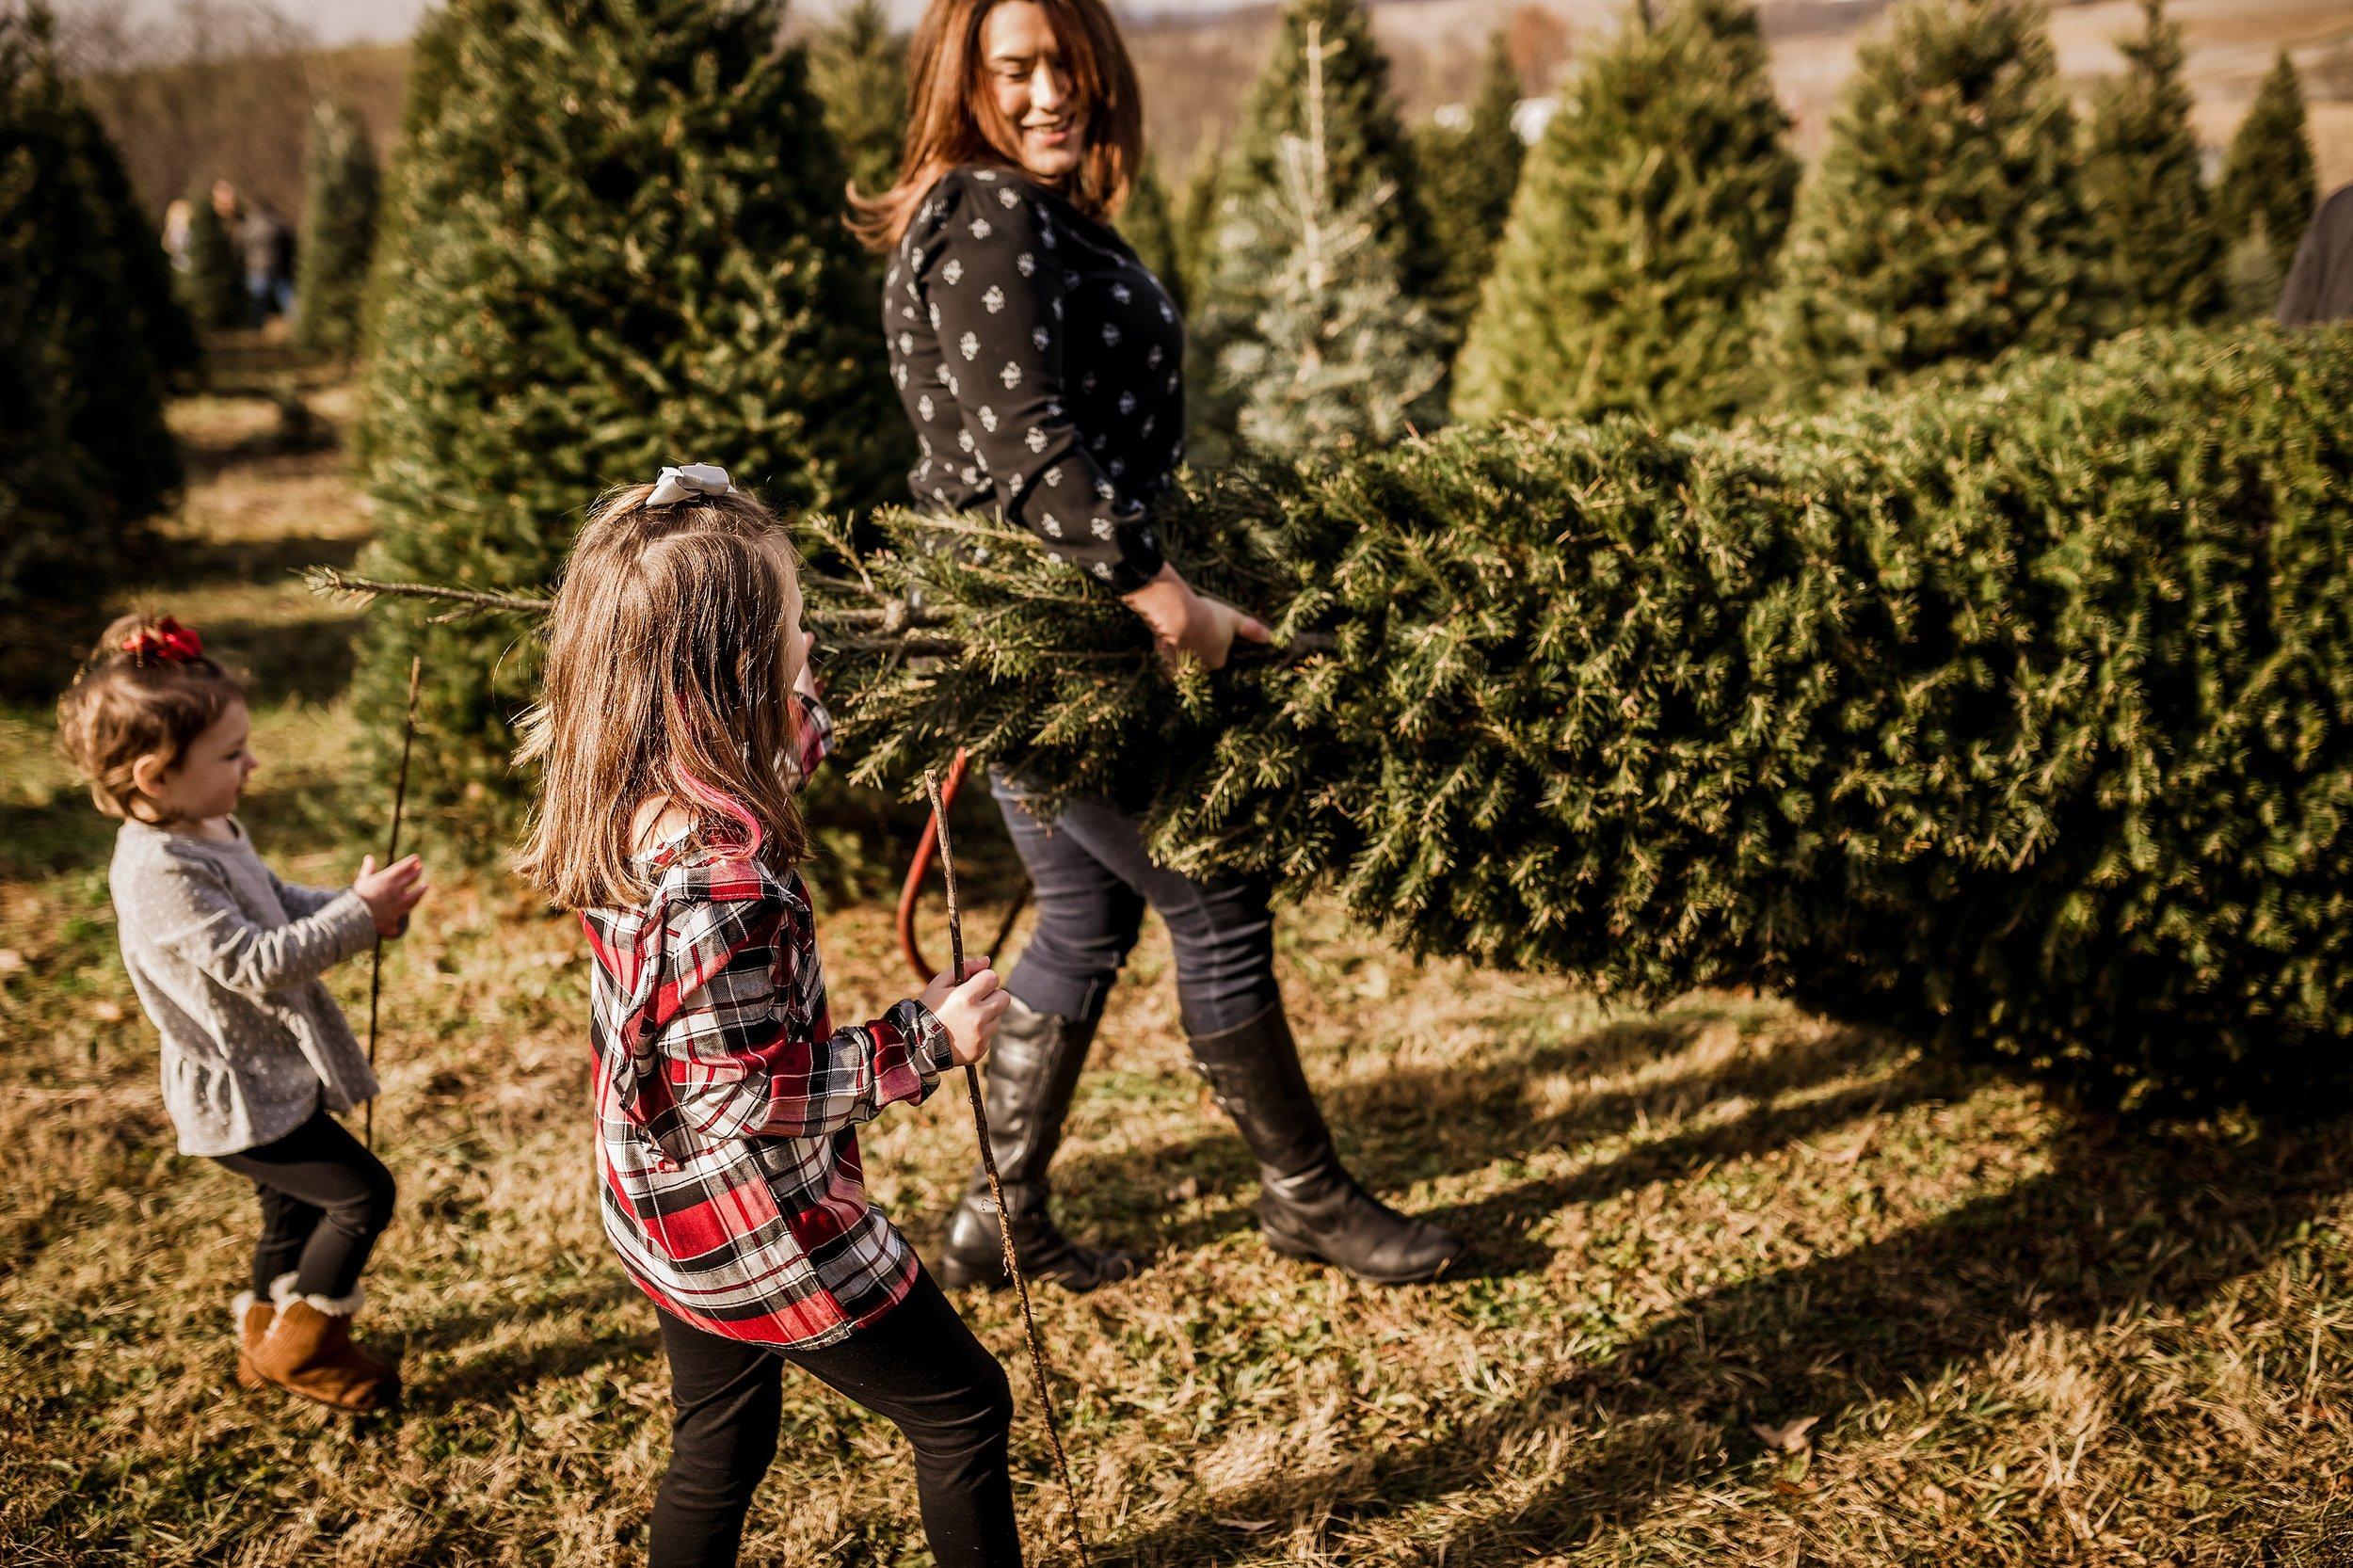 Lehigh-Valley-Documentary-Family-Photographer_0062.jpg